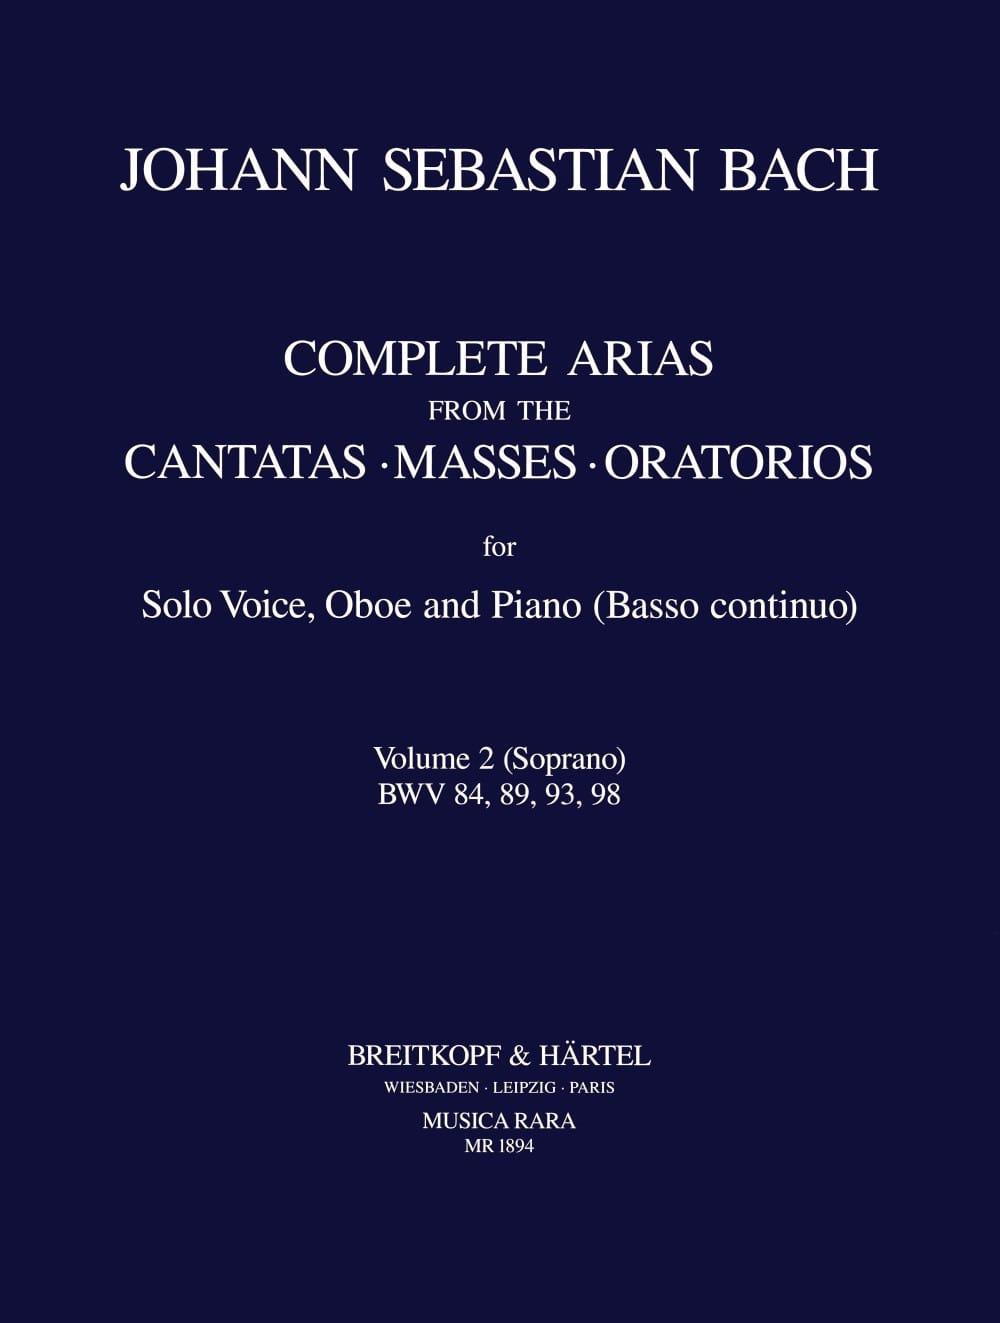 Complete Arias From The Cantatas-Masses-Oratorios Volume 2 Soprano - laflutedepan.com